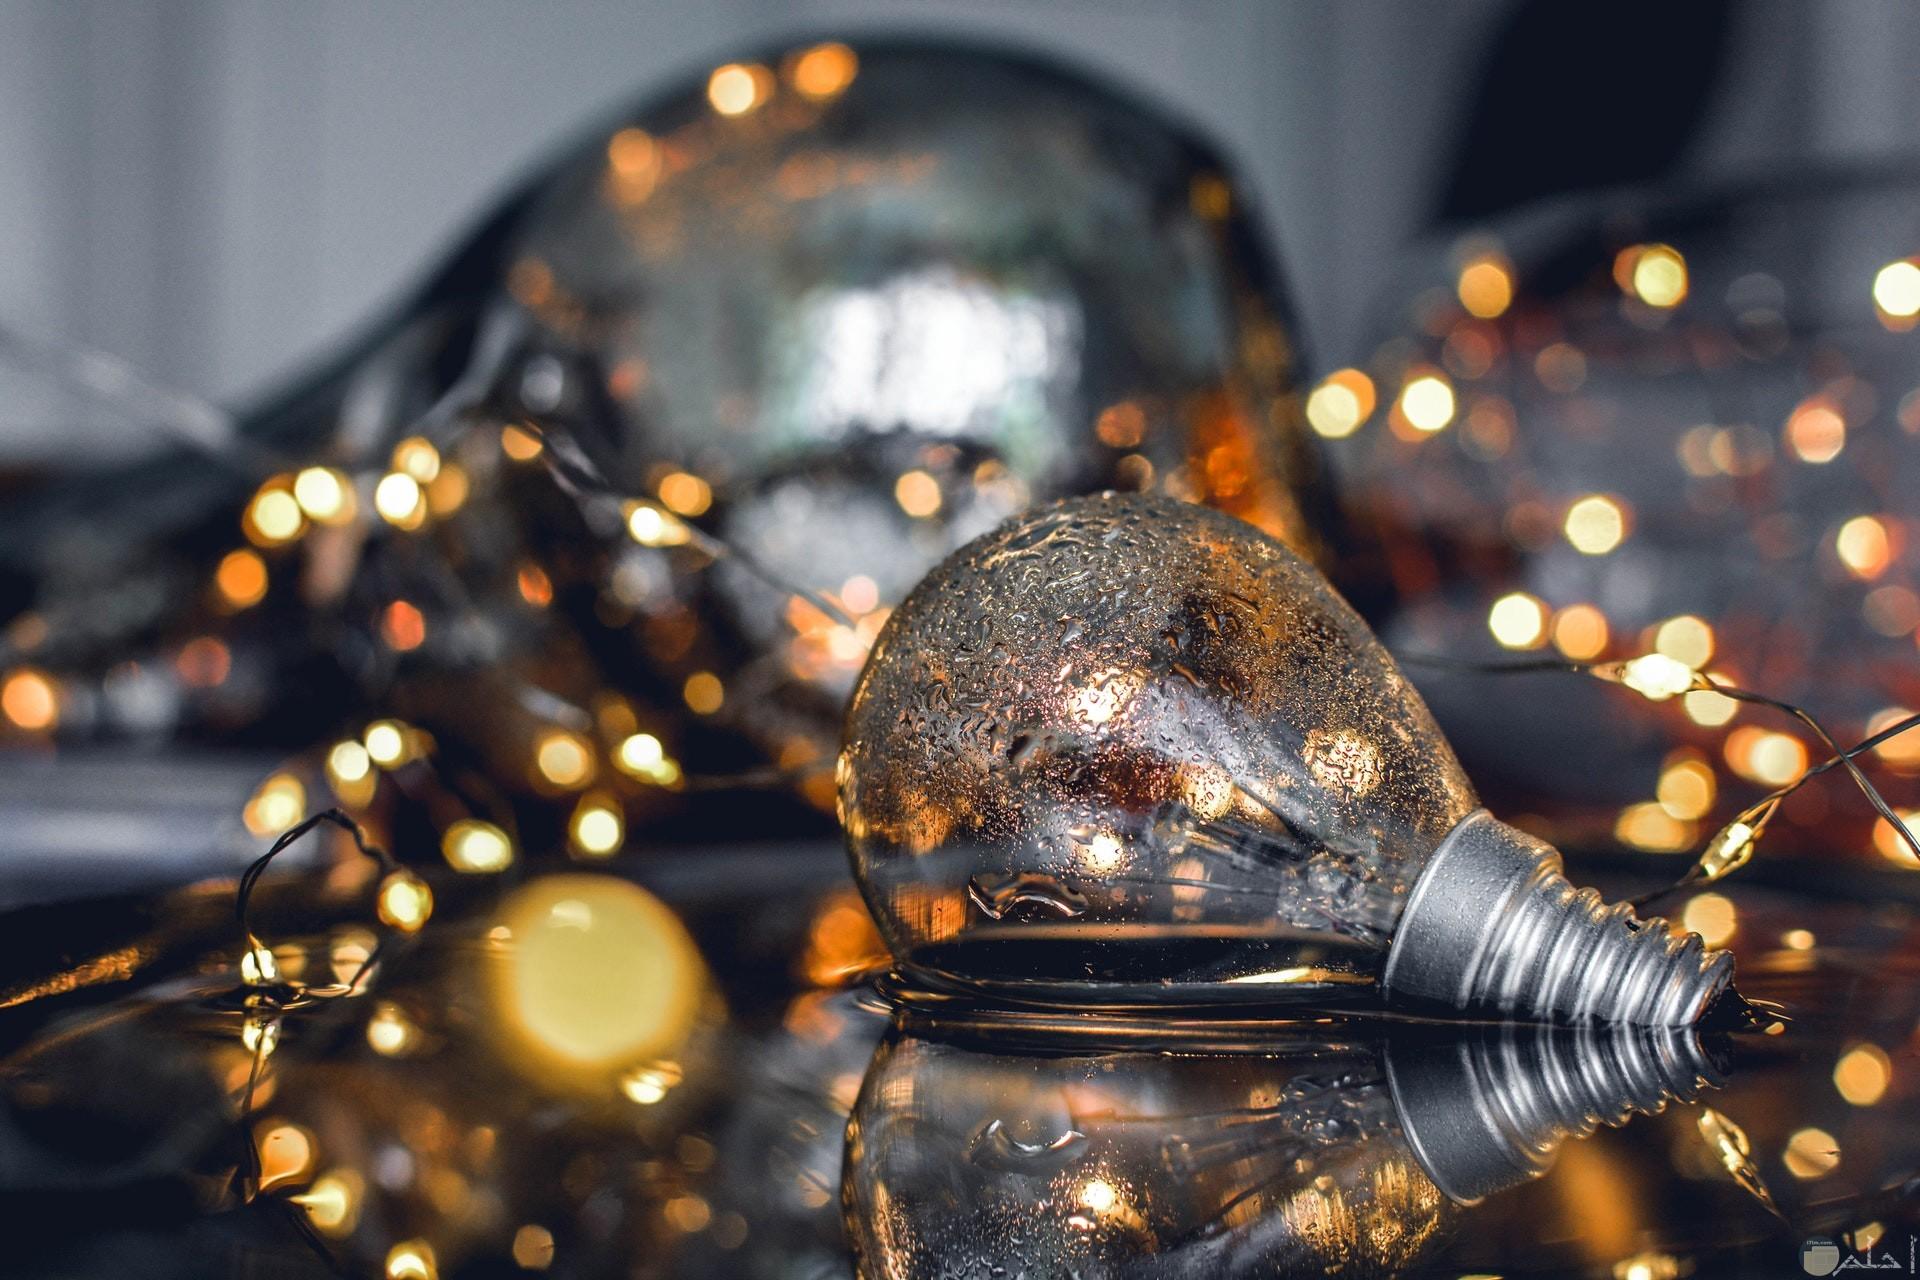 صورة مميزة لمصباح في الماء مع مجموعة أنوار حوله تصلح كخلفية جميلة لهاتفك